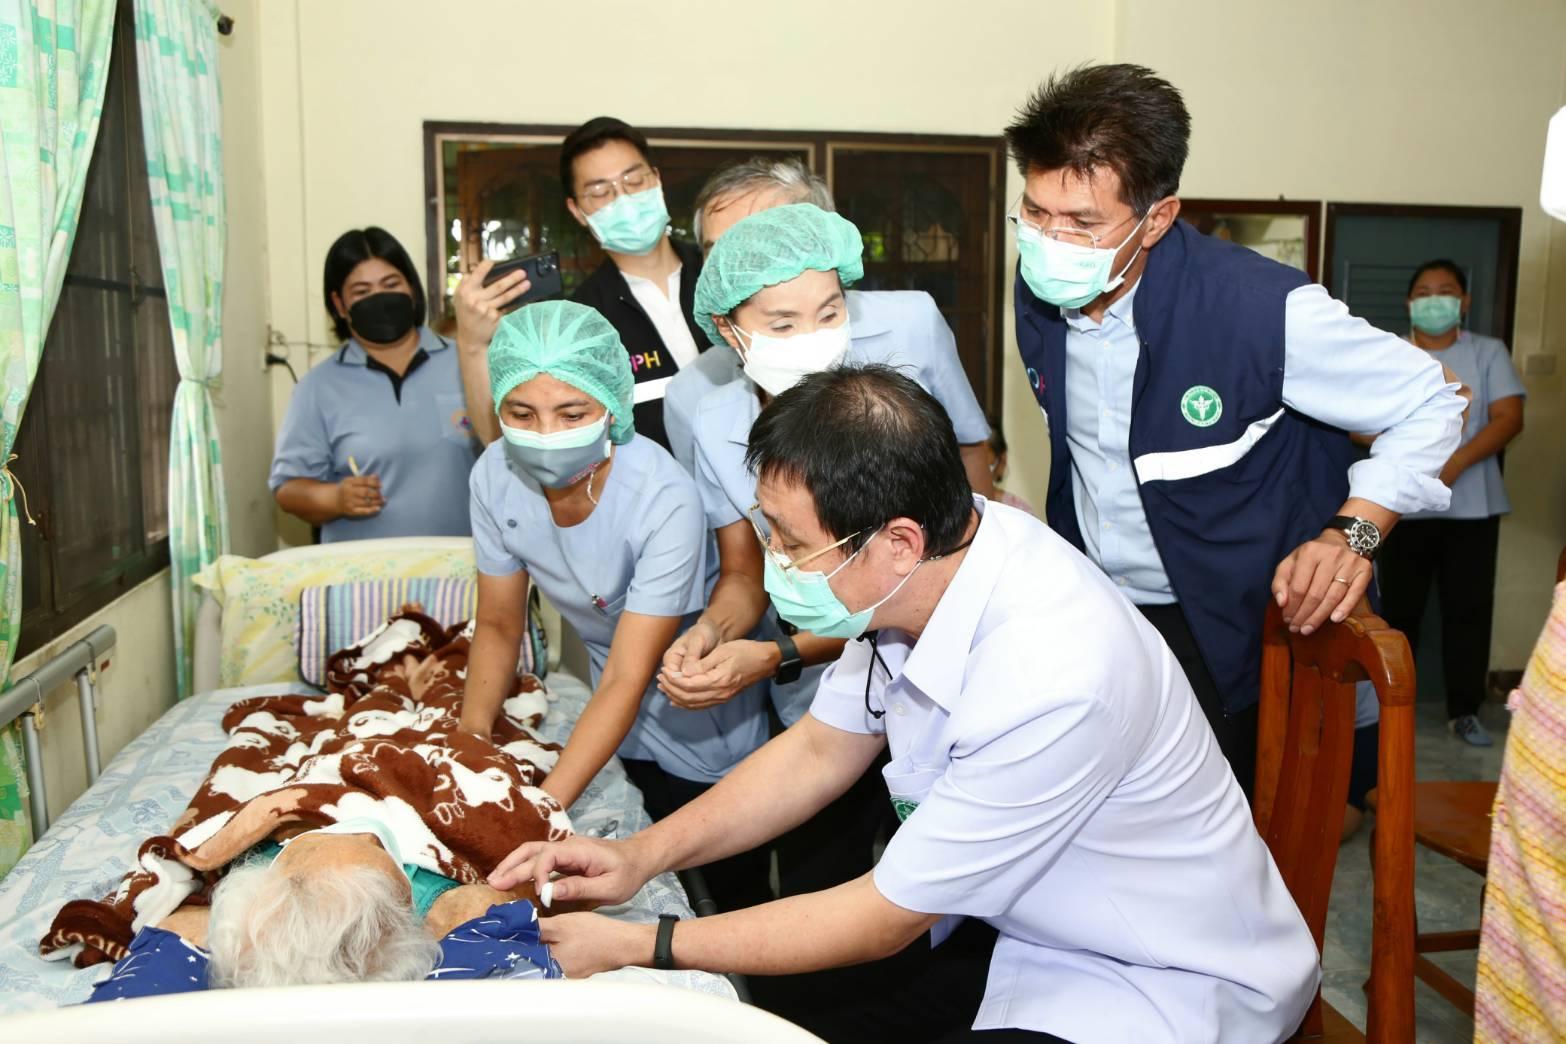 สธ. เร่งฉีดวัคซีน 3 จังหวัดภาคตะวันออก รับลูก ศบค. เปิดเมืองท่องเที่ยว – ธุรกิจ